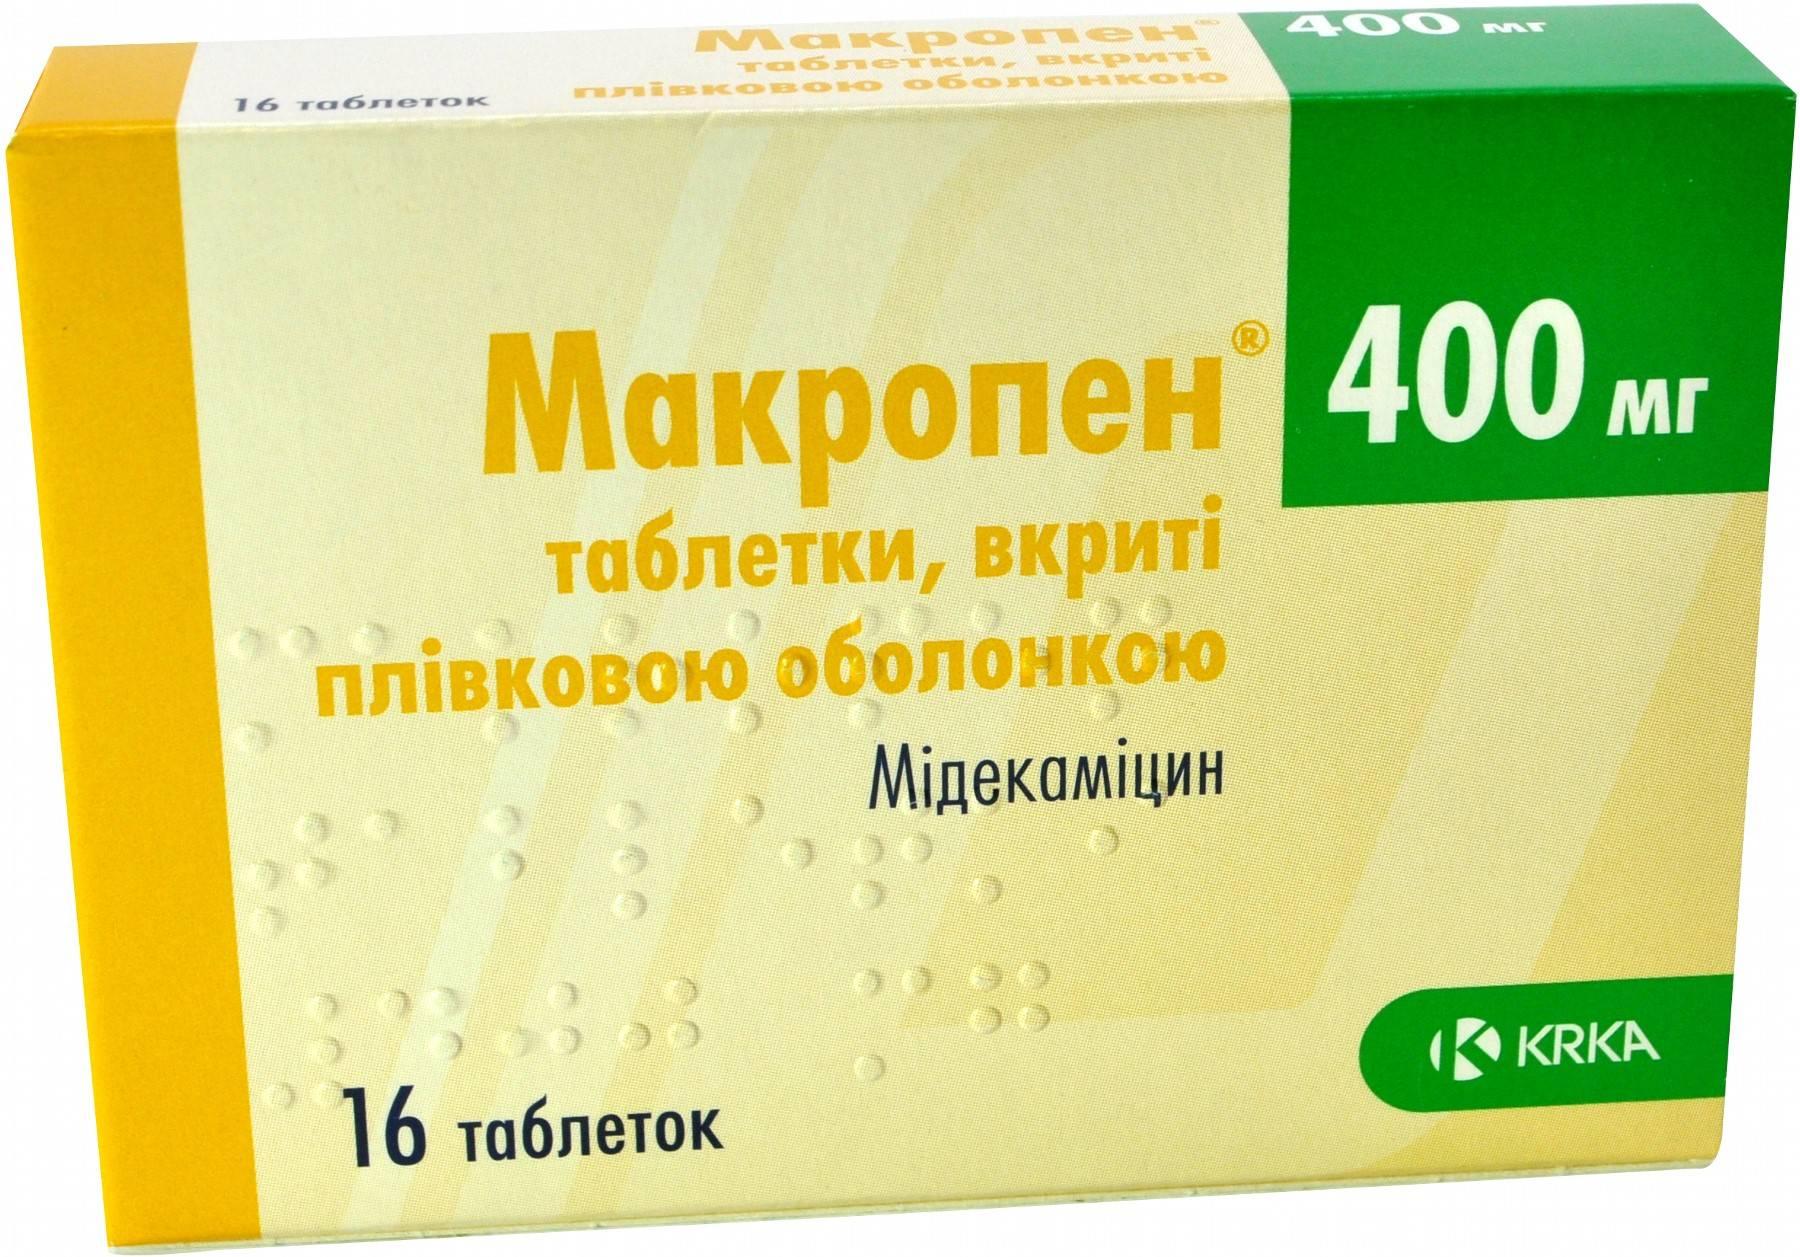 Макропен 400 мг инструкция: состав, применение и особые указания